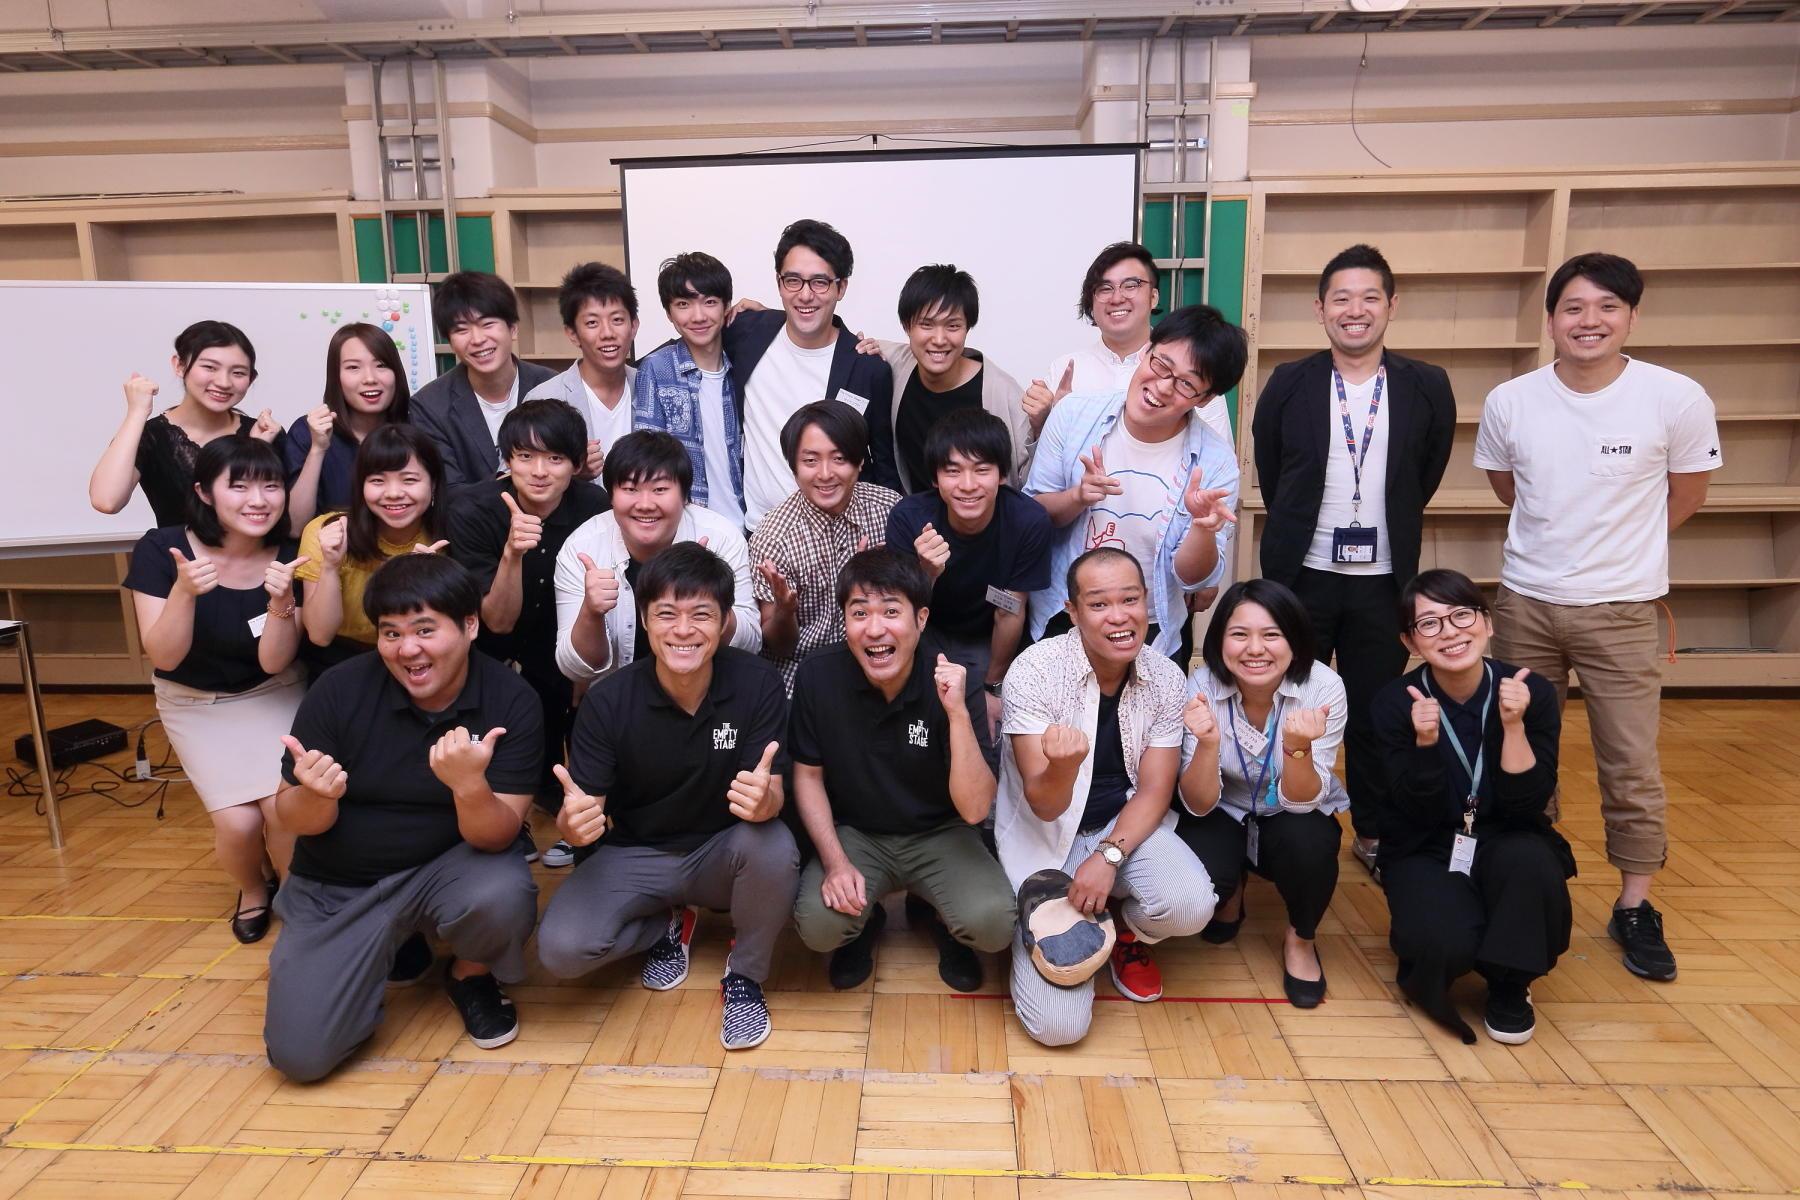 http://news.yoshimoto.co.jp/20170910064452-d1d8b8e9c627abc94728ed195d76a26b067960f0.jpg